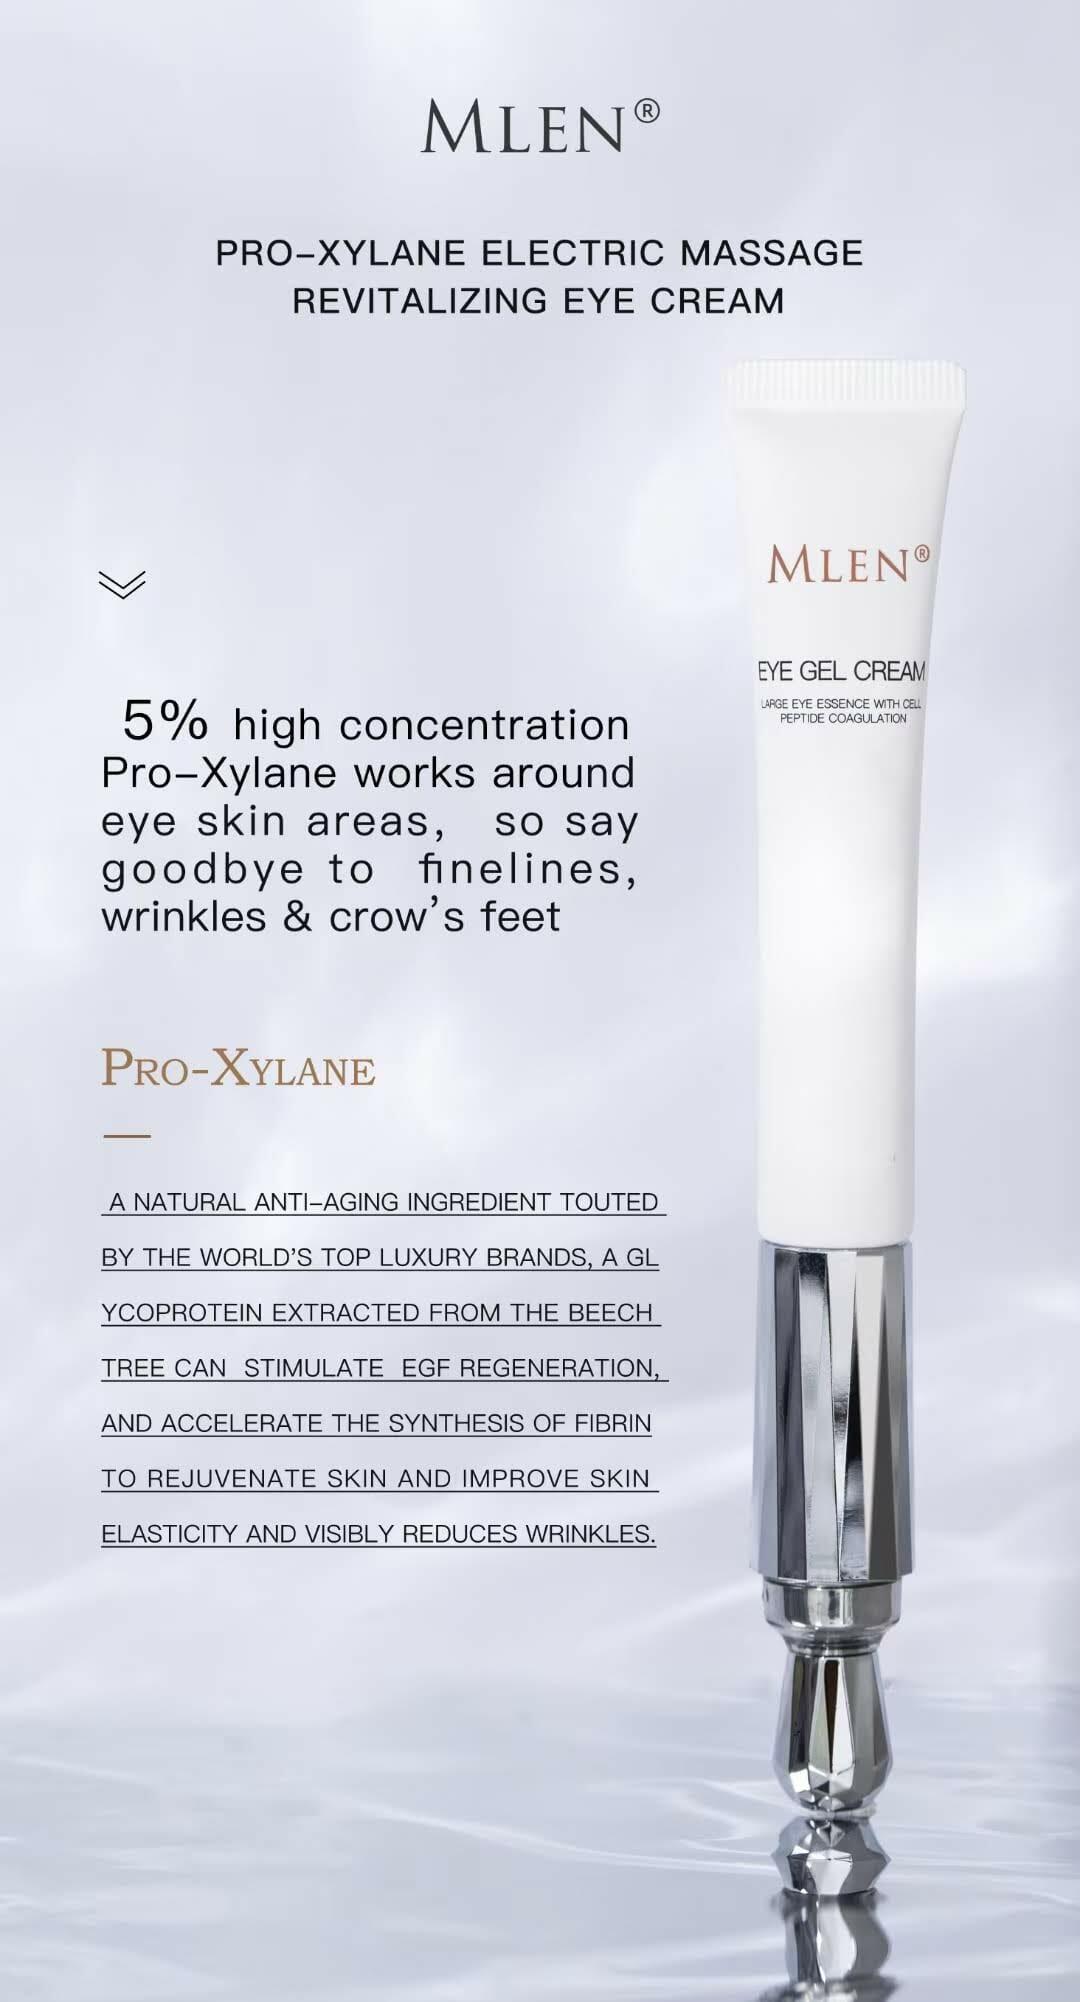 mlen group pro xylane electric massage revitalizing eye cream 5